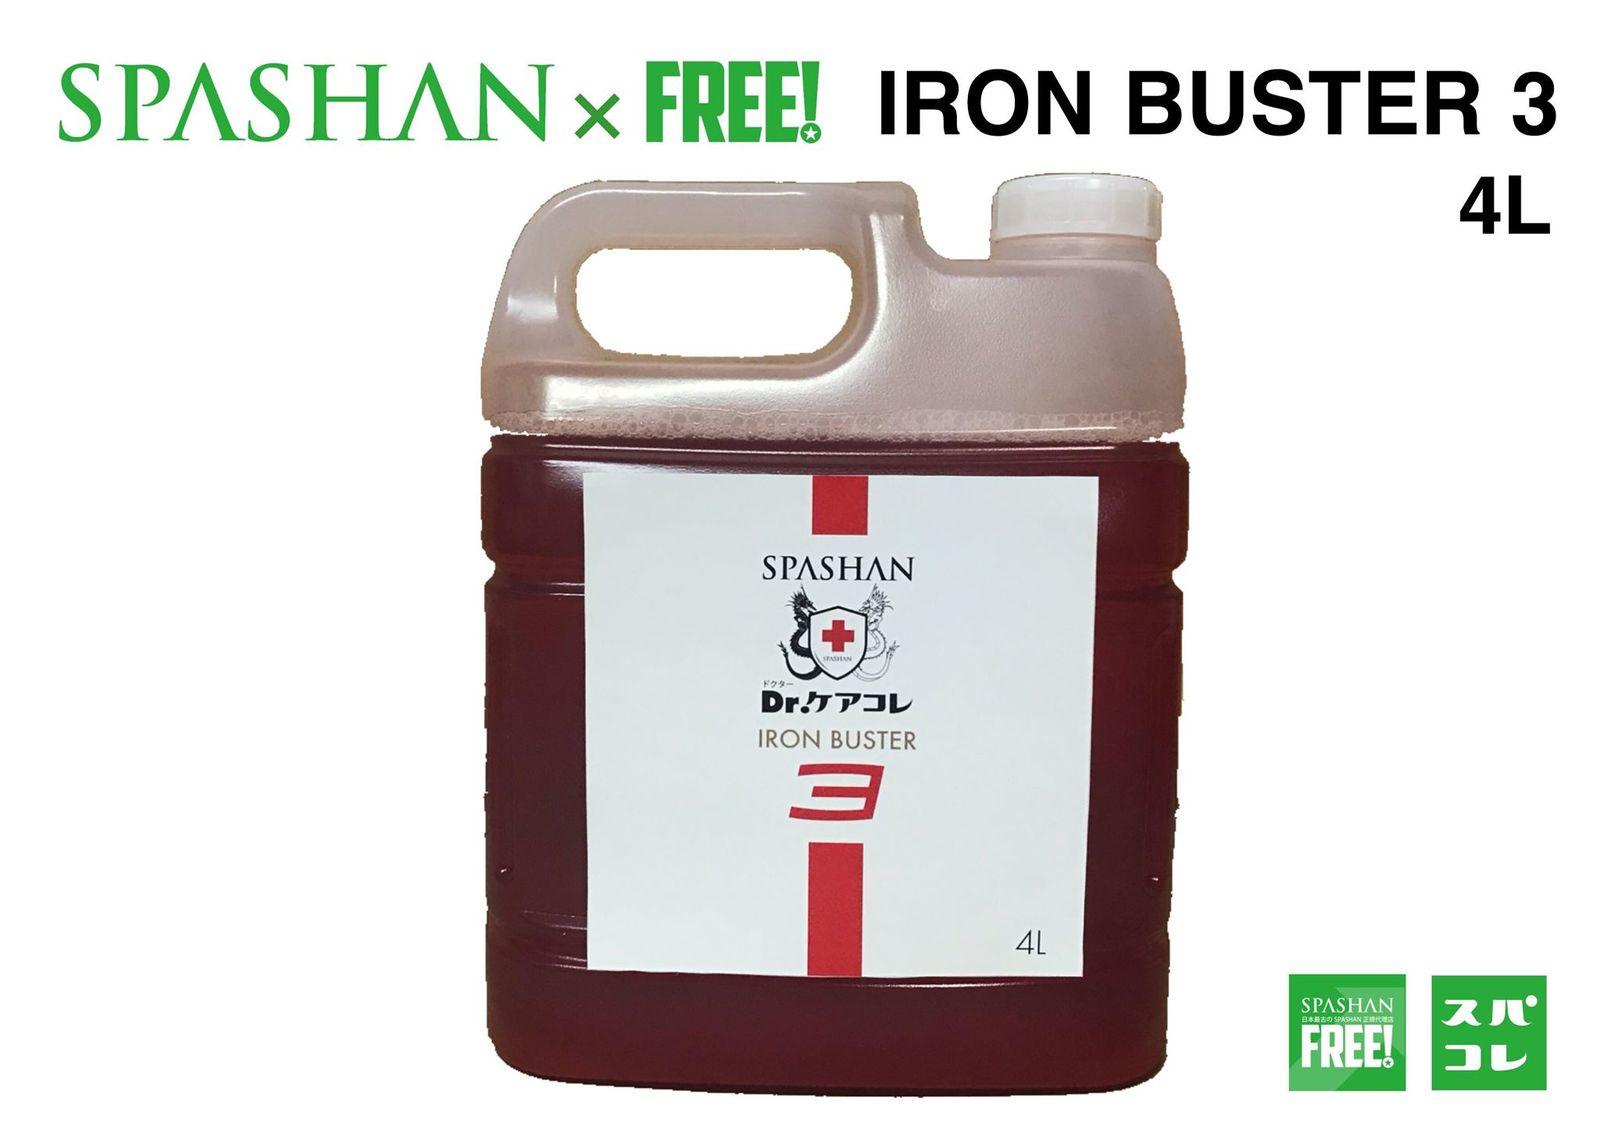 スパシャン Dr.ケアコレ アイアンバスター3 業務用4L 鉄粉取り SPASHAN 飛躍的な進化 洗車 カーケア コーティング